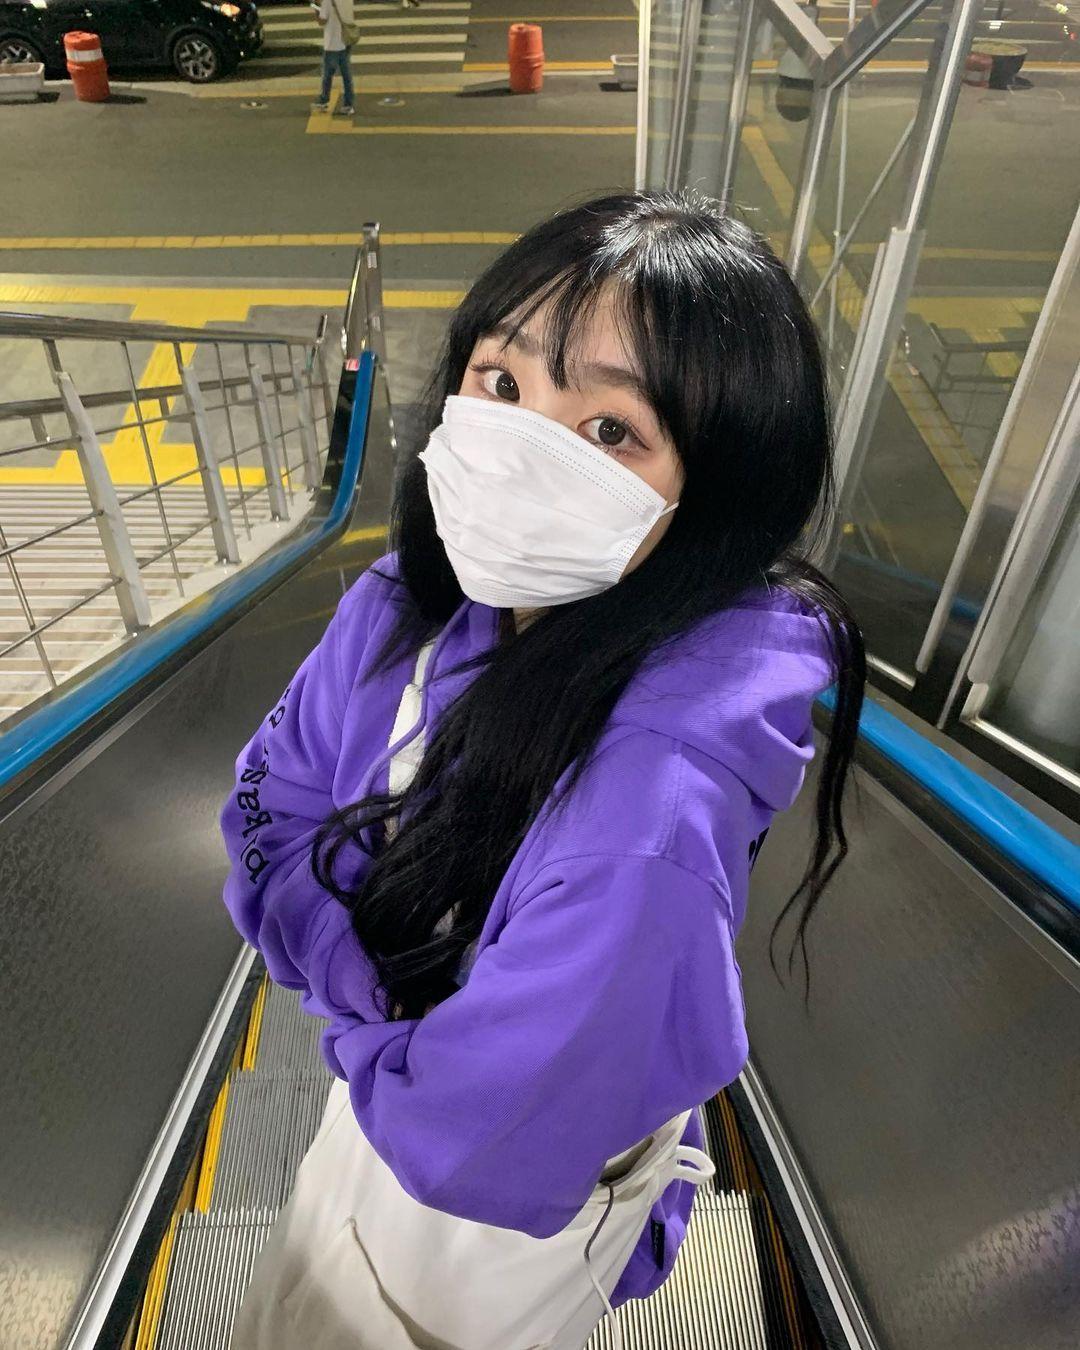 韩国正妹sejinming外套一脱蹦出惊人ru量 养眼图片 第1张